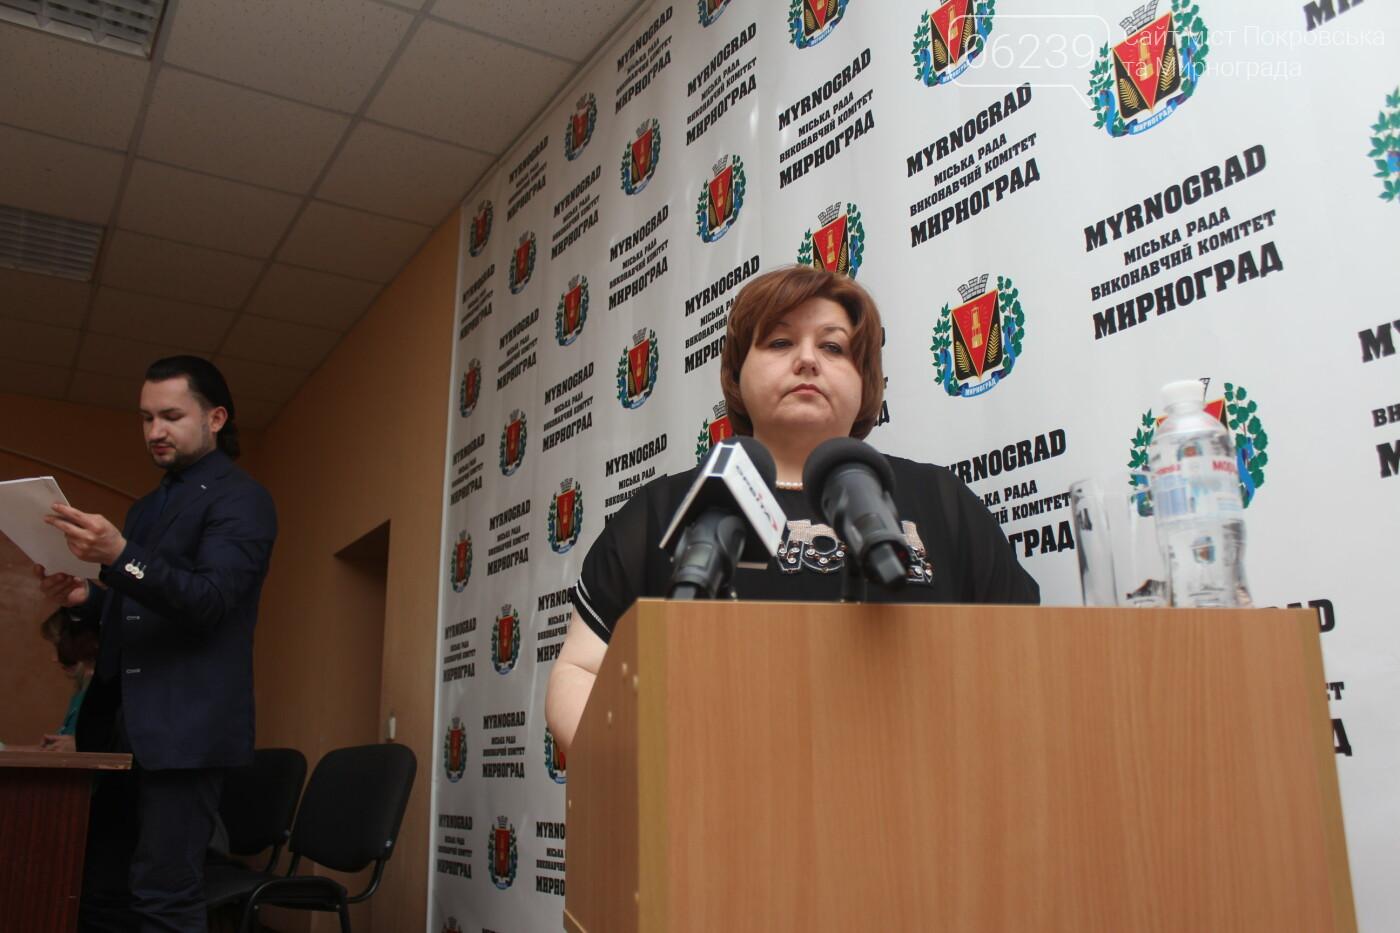 В Мирнограде ввели туристический сбор, фото-1